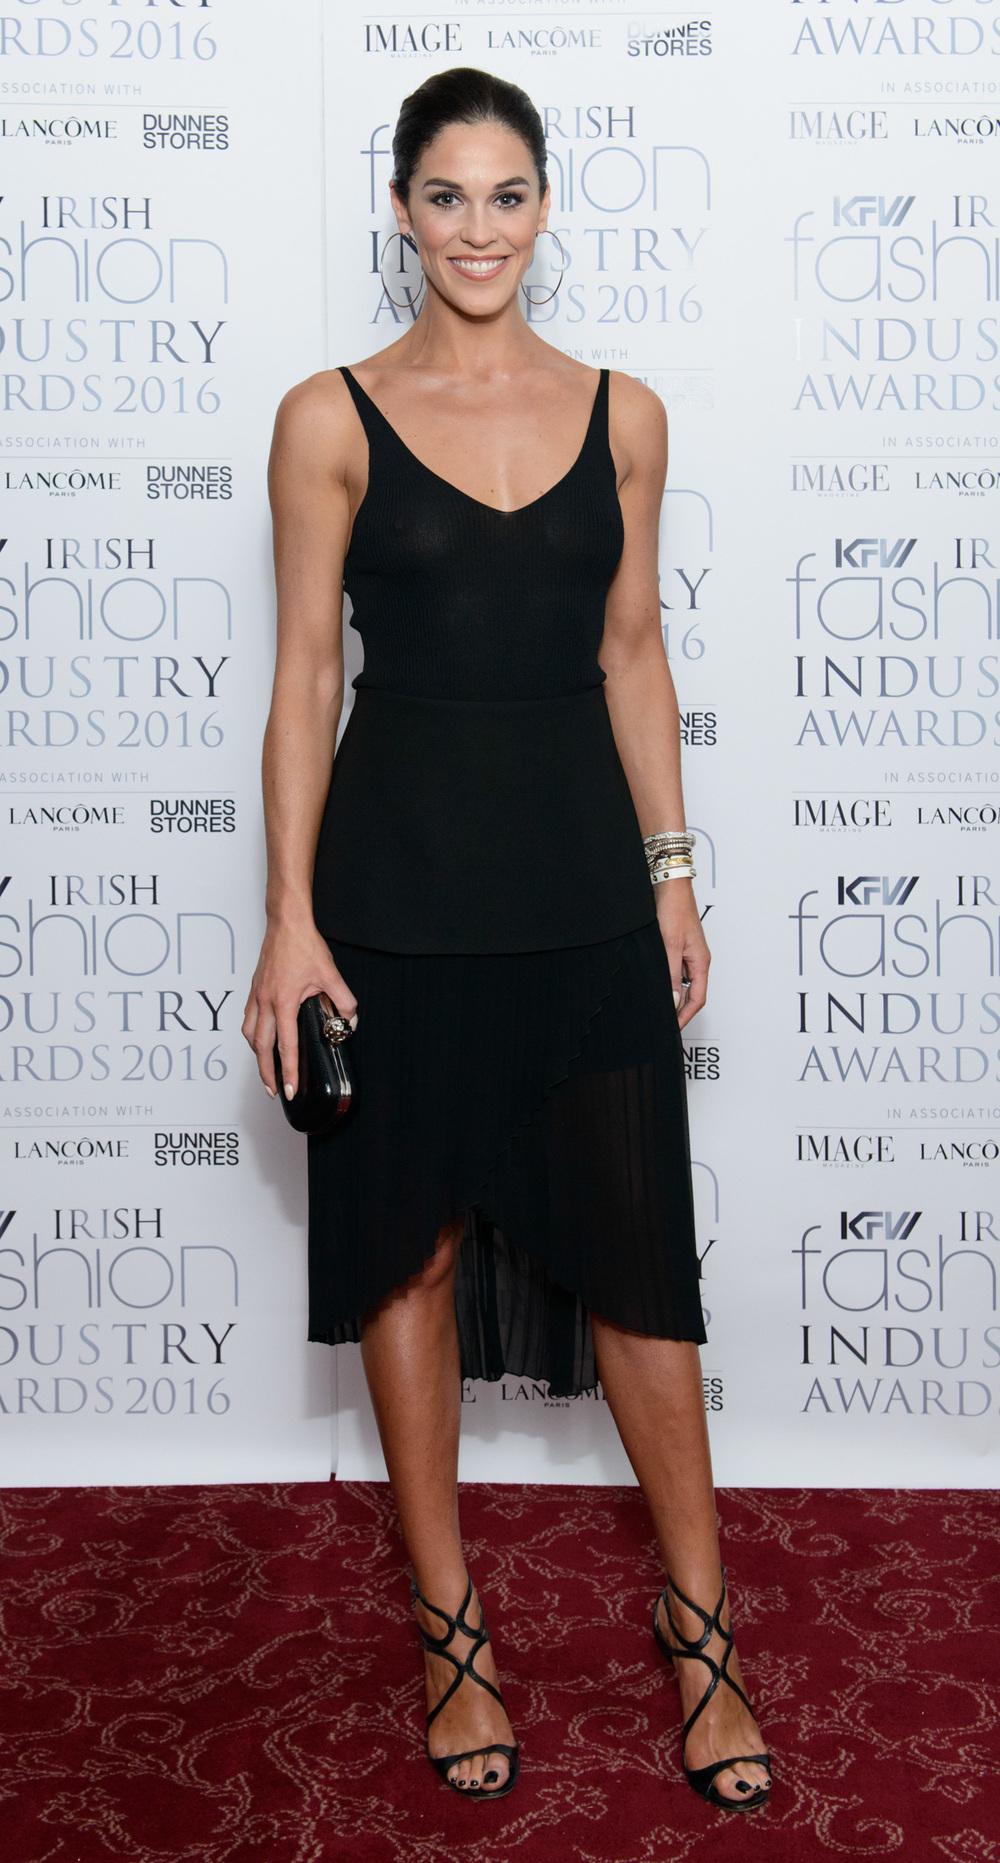 KFW16_Irish Fashion Industry Awards_10170.JPG